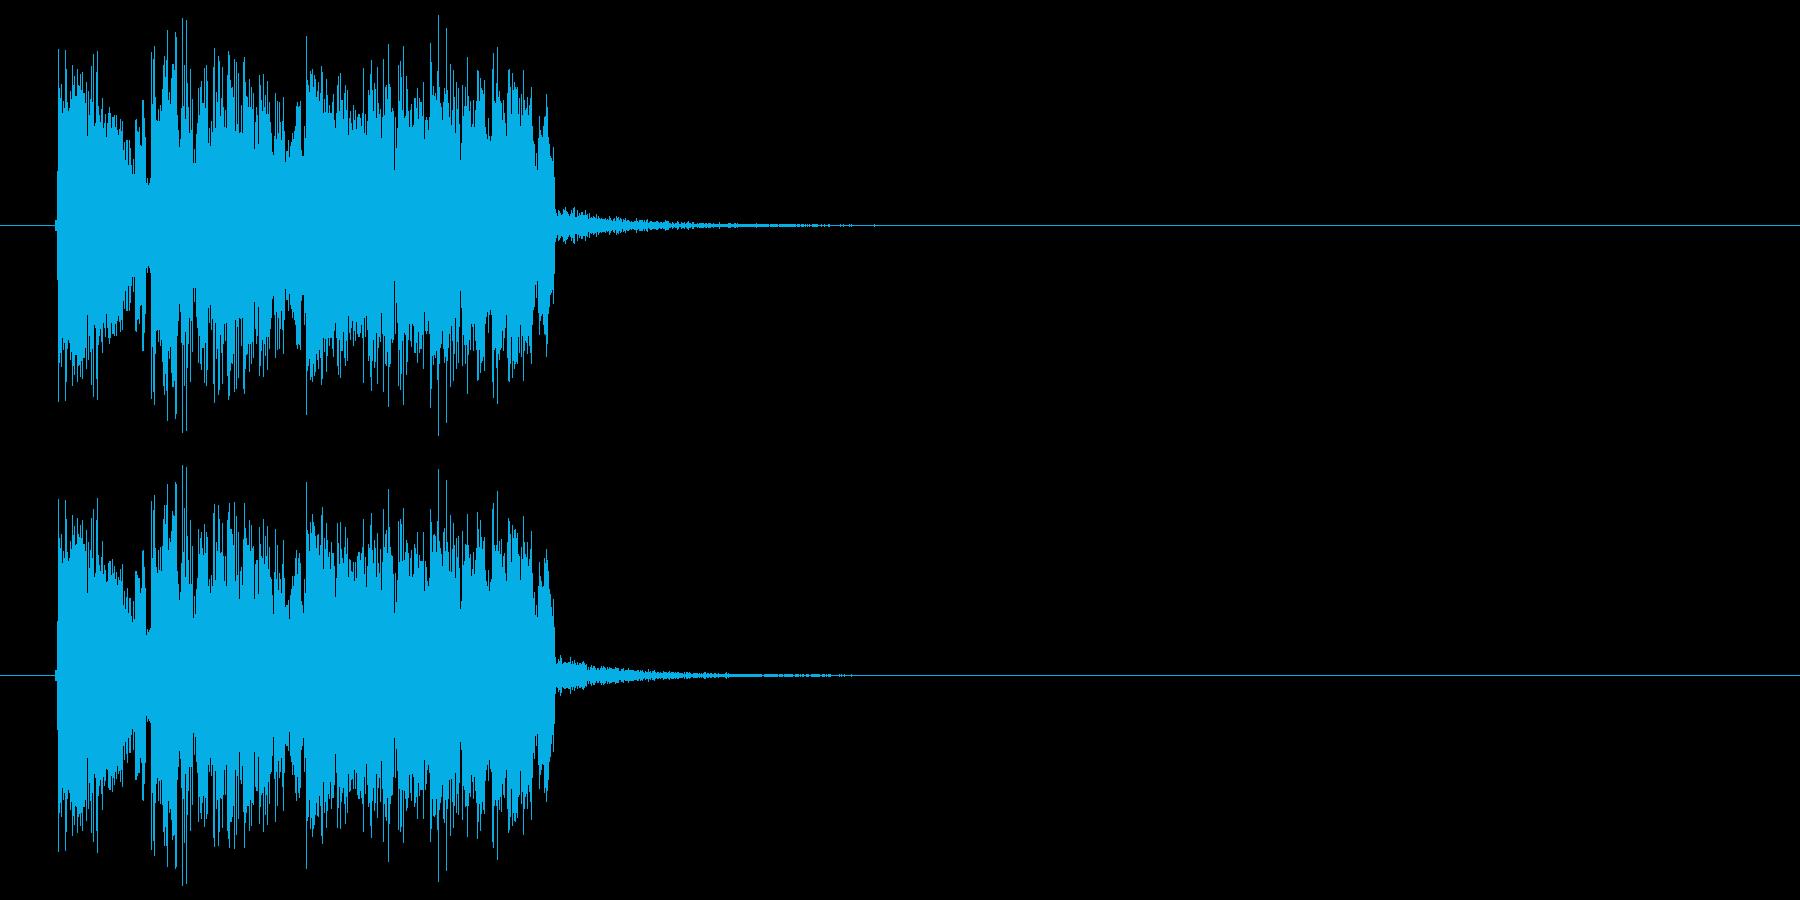 ハイテクでスピーディーなテクノジングルの再生済みの波形